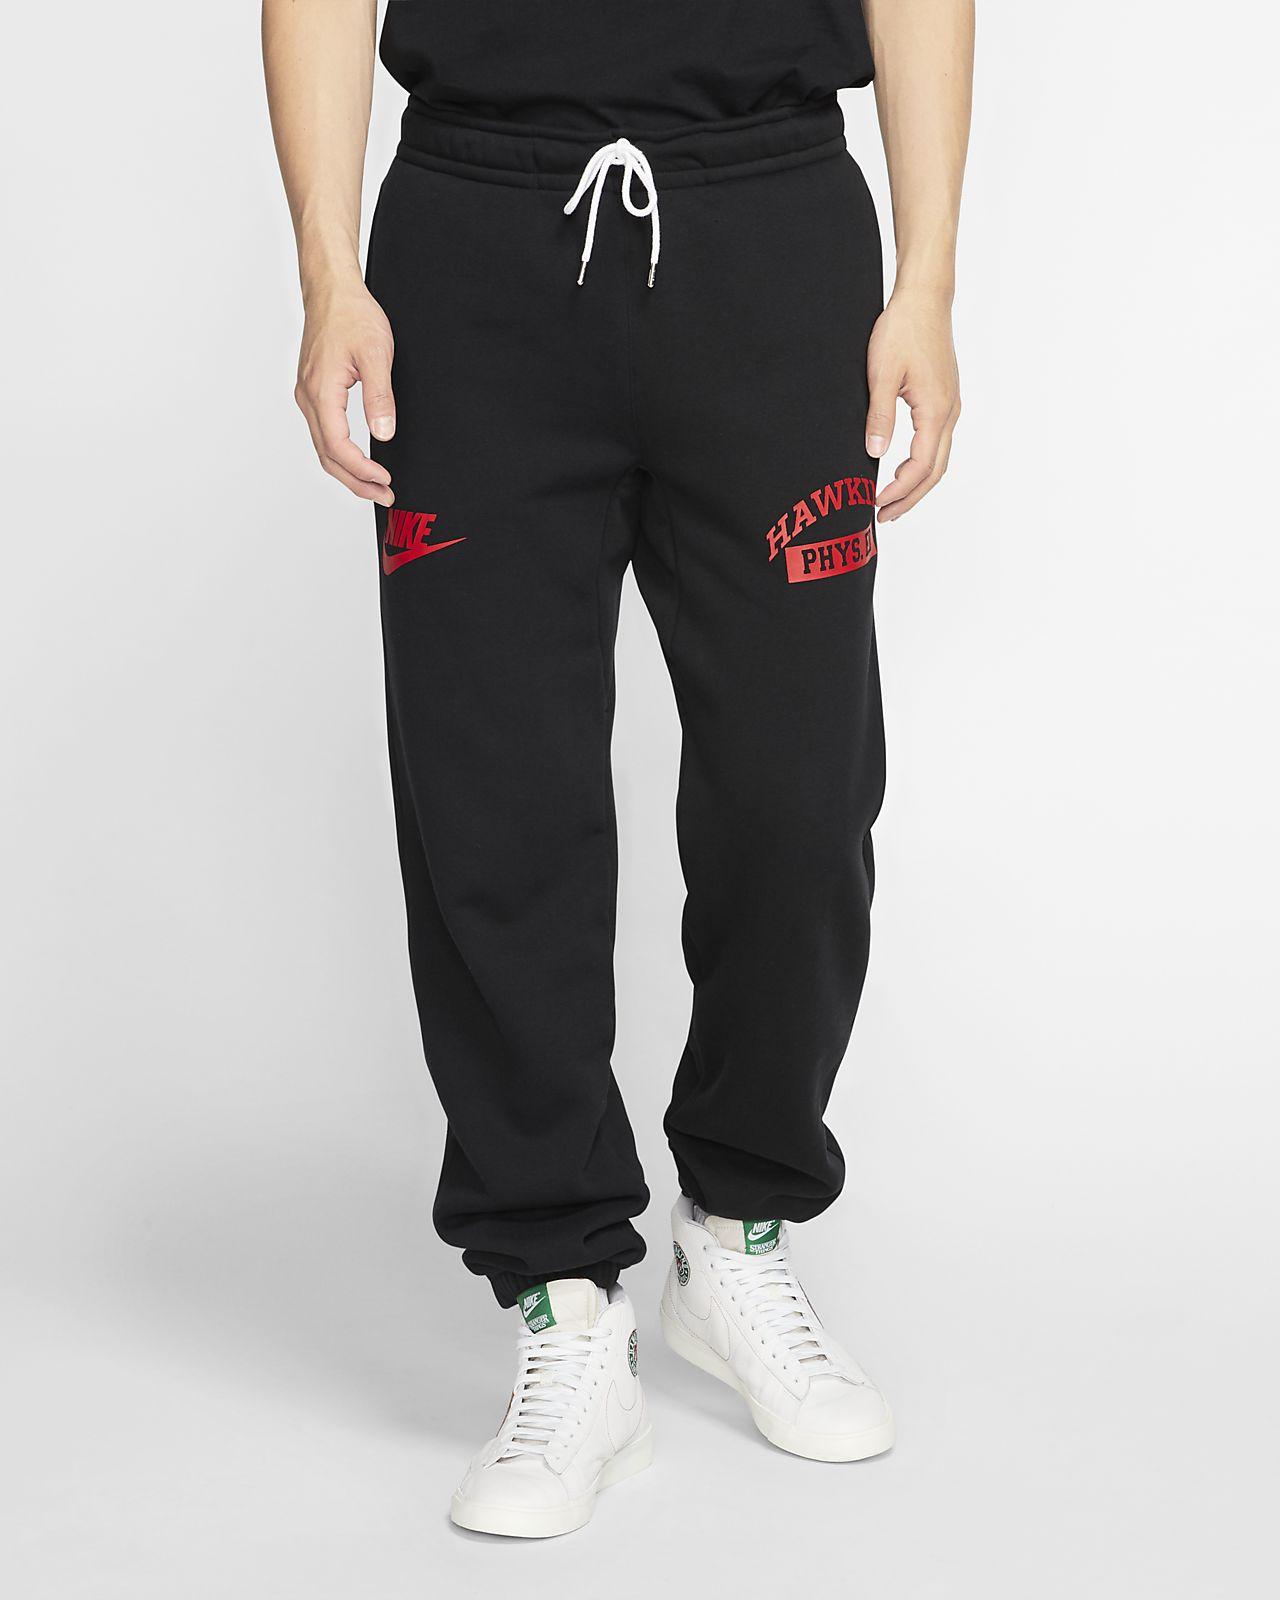 กางเกงผ้าฟลีซผู้ชาย Nike x Stranger Things